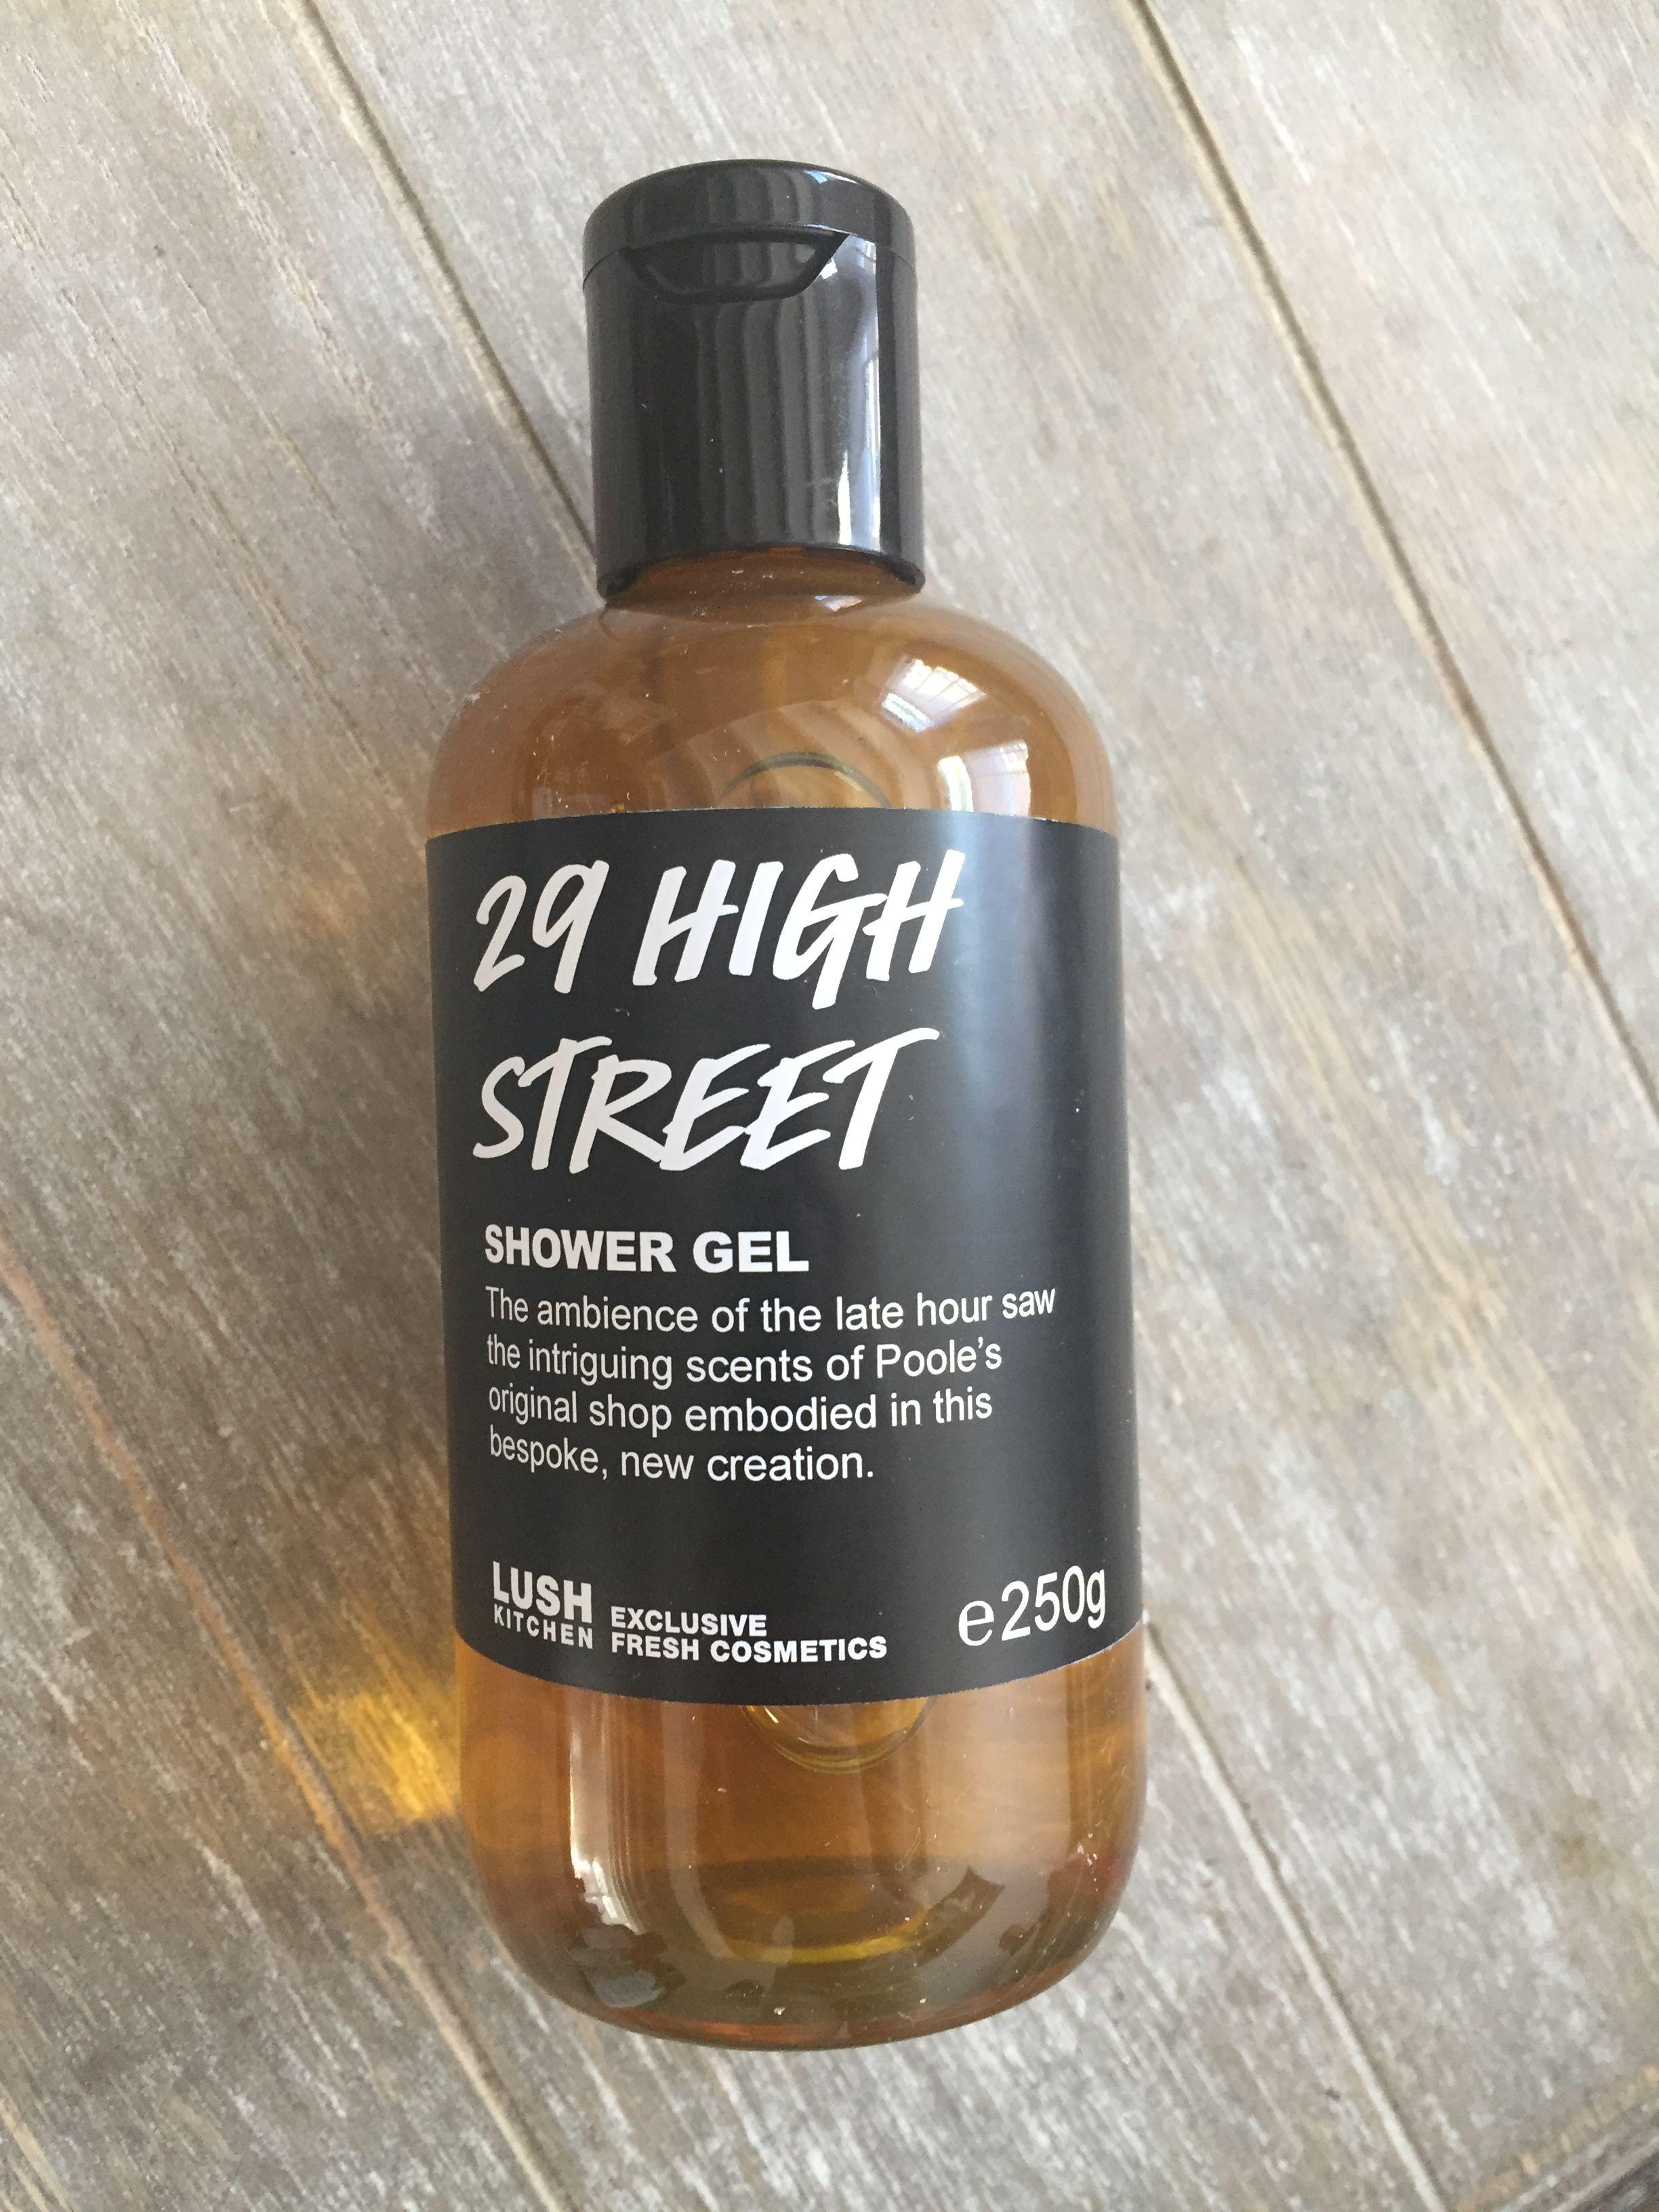 Also up next...29 high street shower gel lush kitchen ...